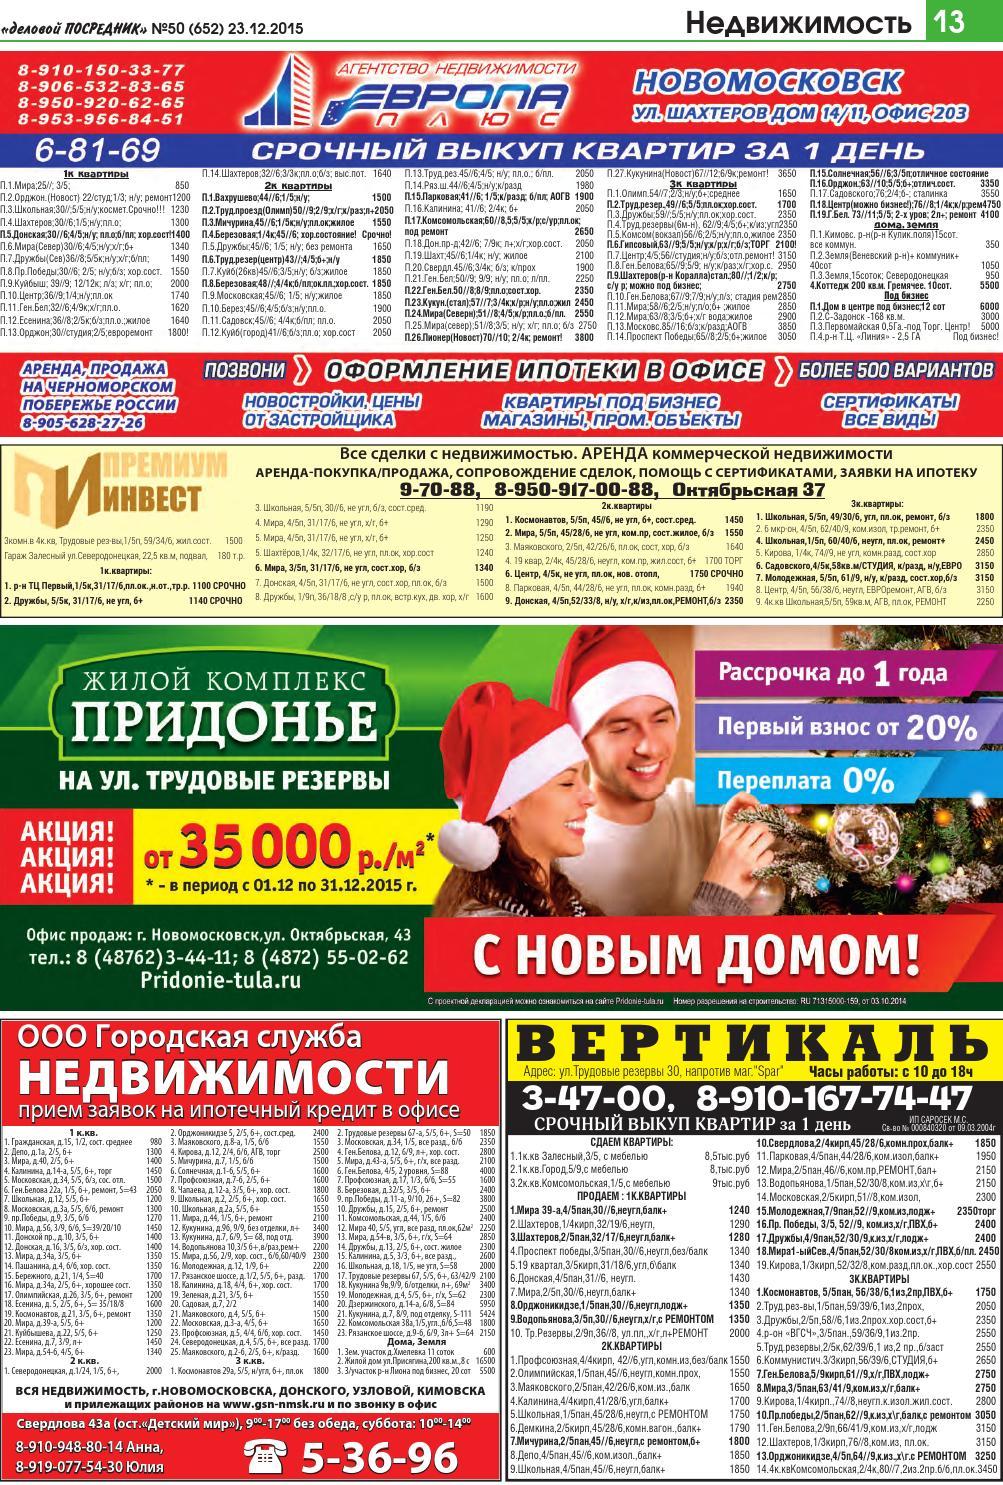 delovoy-posrednik-znakomstva-novomoskovsk